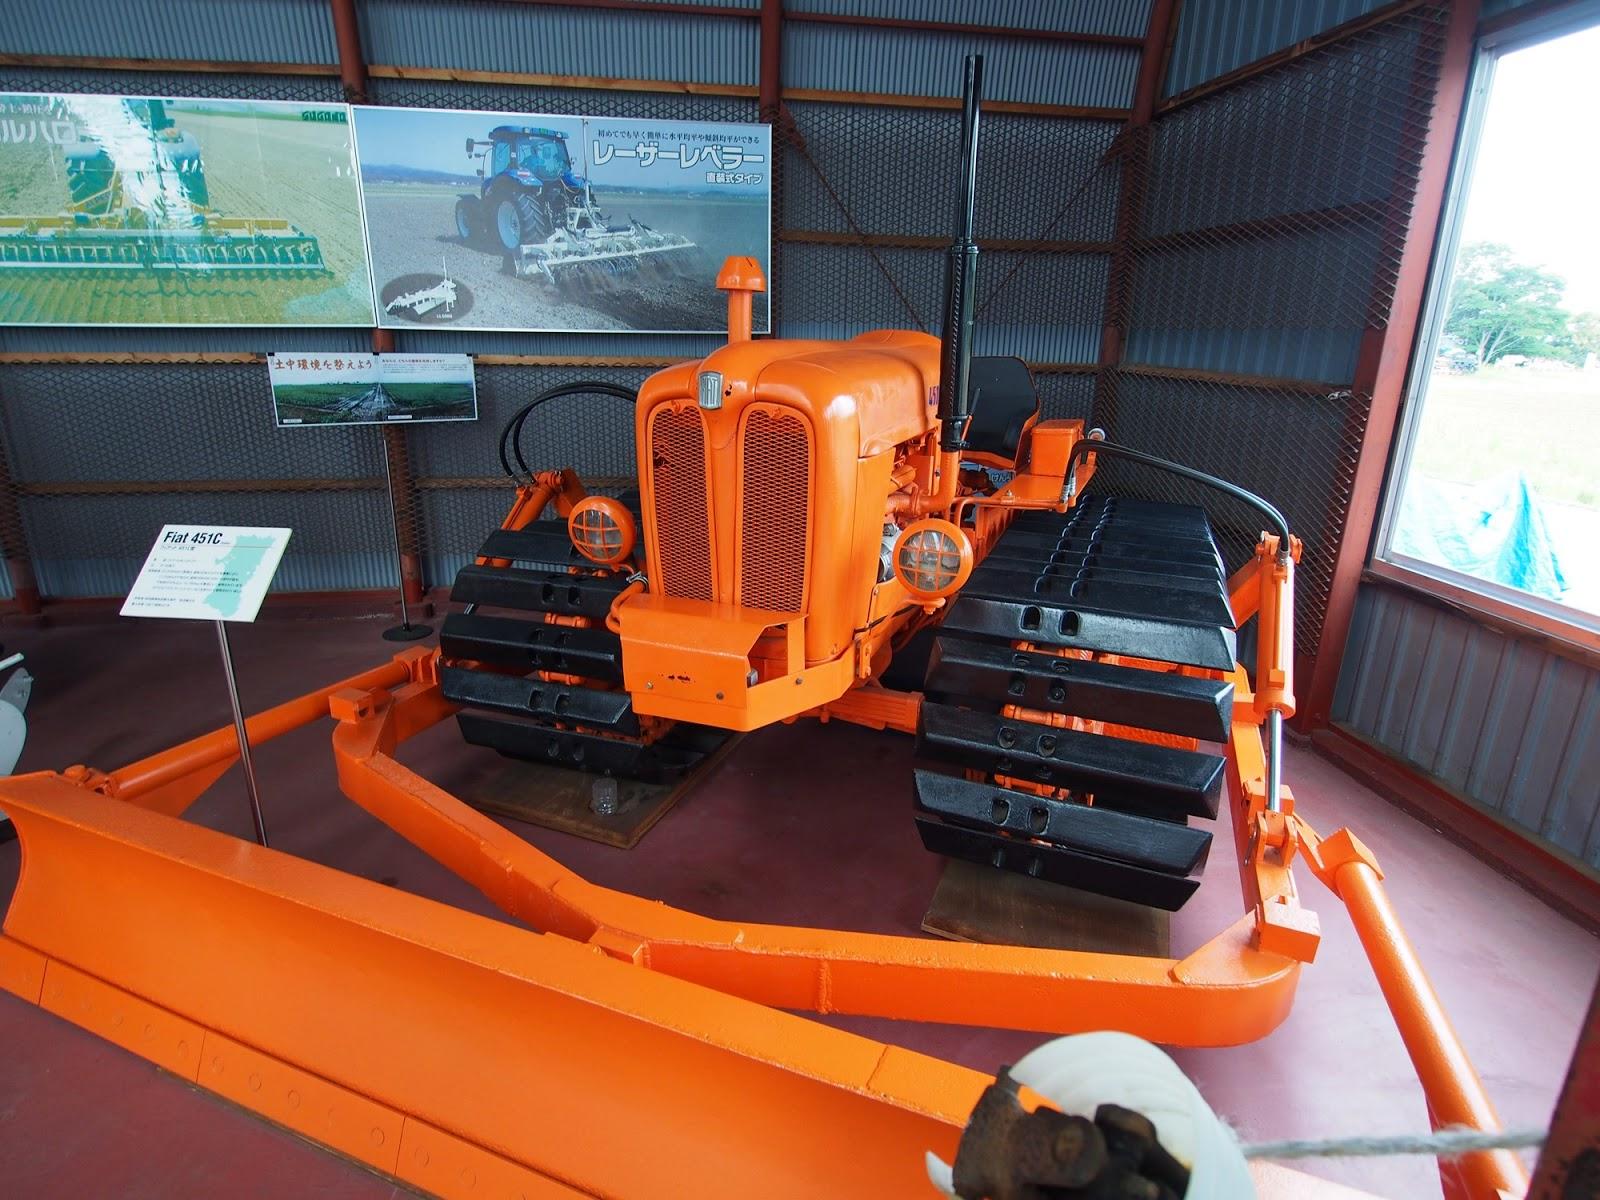 FIAT 451C crawler tractor